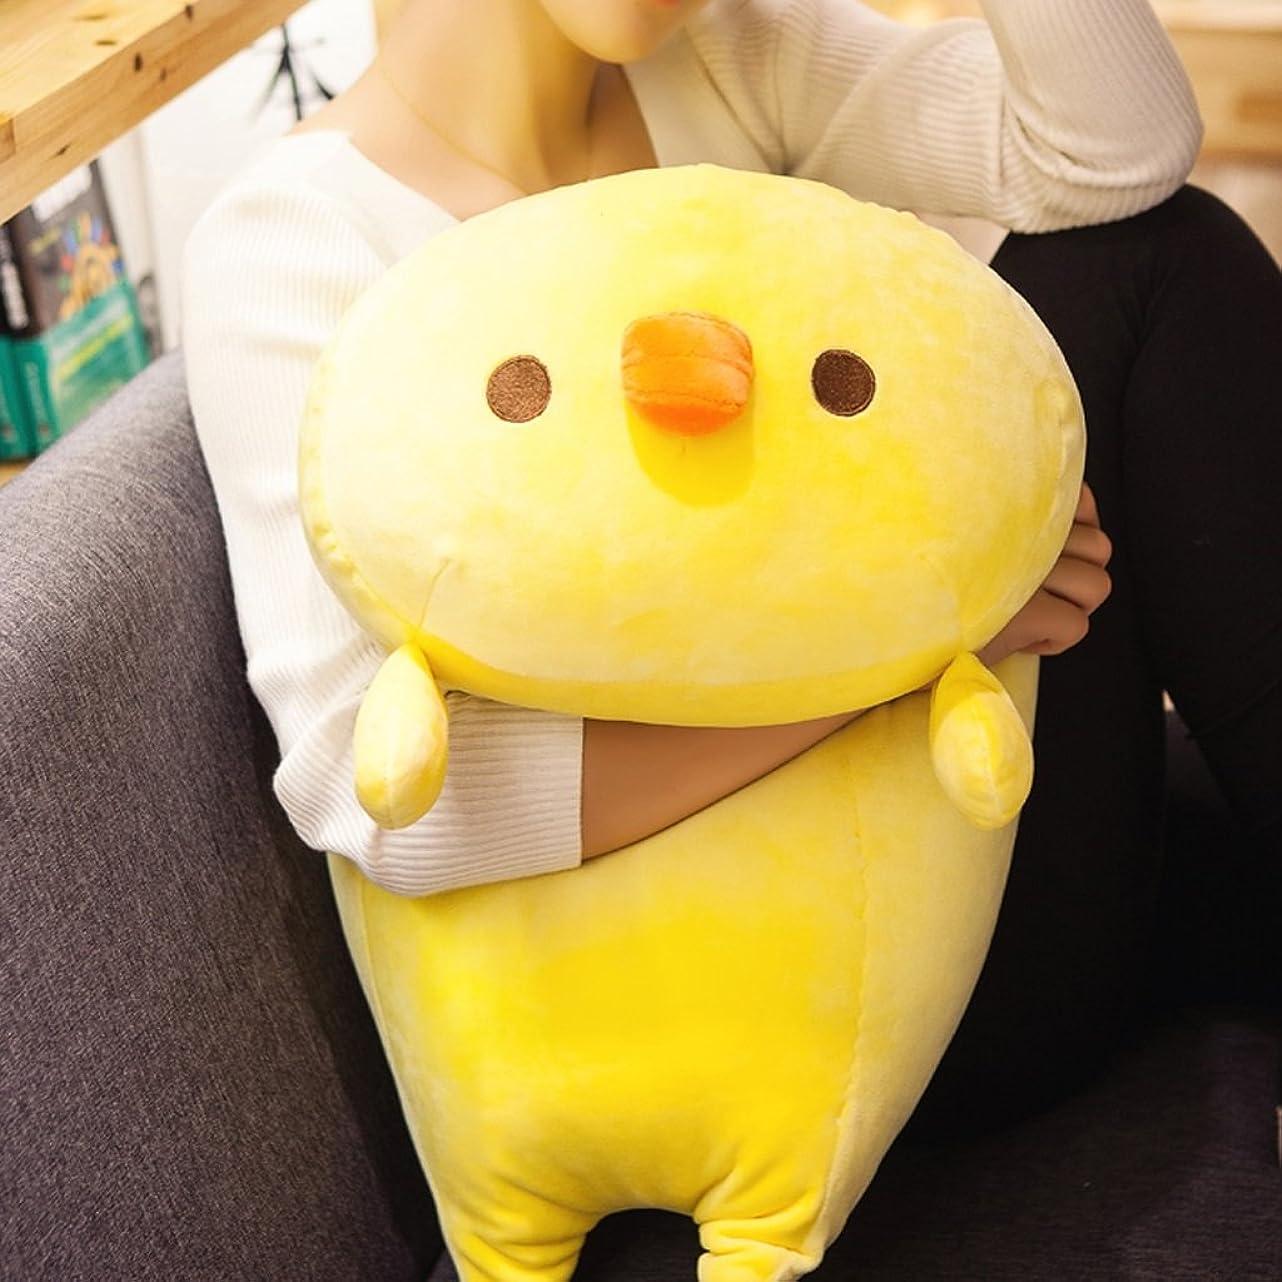 アナウンサーオフセット豊かにする暖かい手枕人形Plushおもちゃ枕、イエロー40?cm、60?cm 60cmhand warmer イエロー